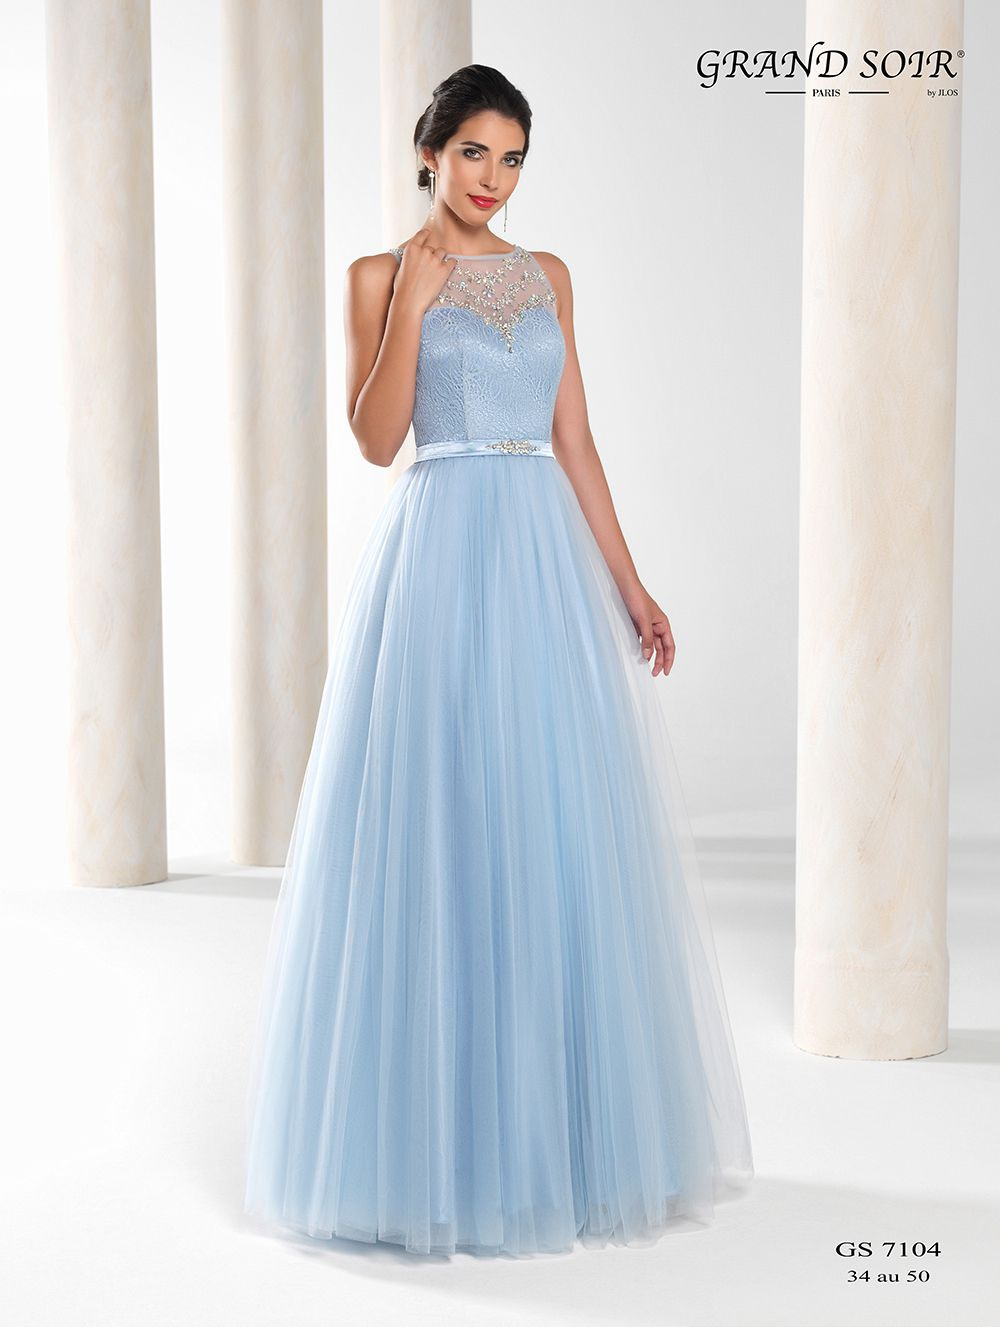 13 Luxus Elegantes Abendkleid Design Einzigartig Elegantes Abendkleid Stylish